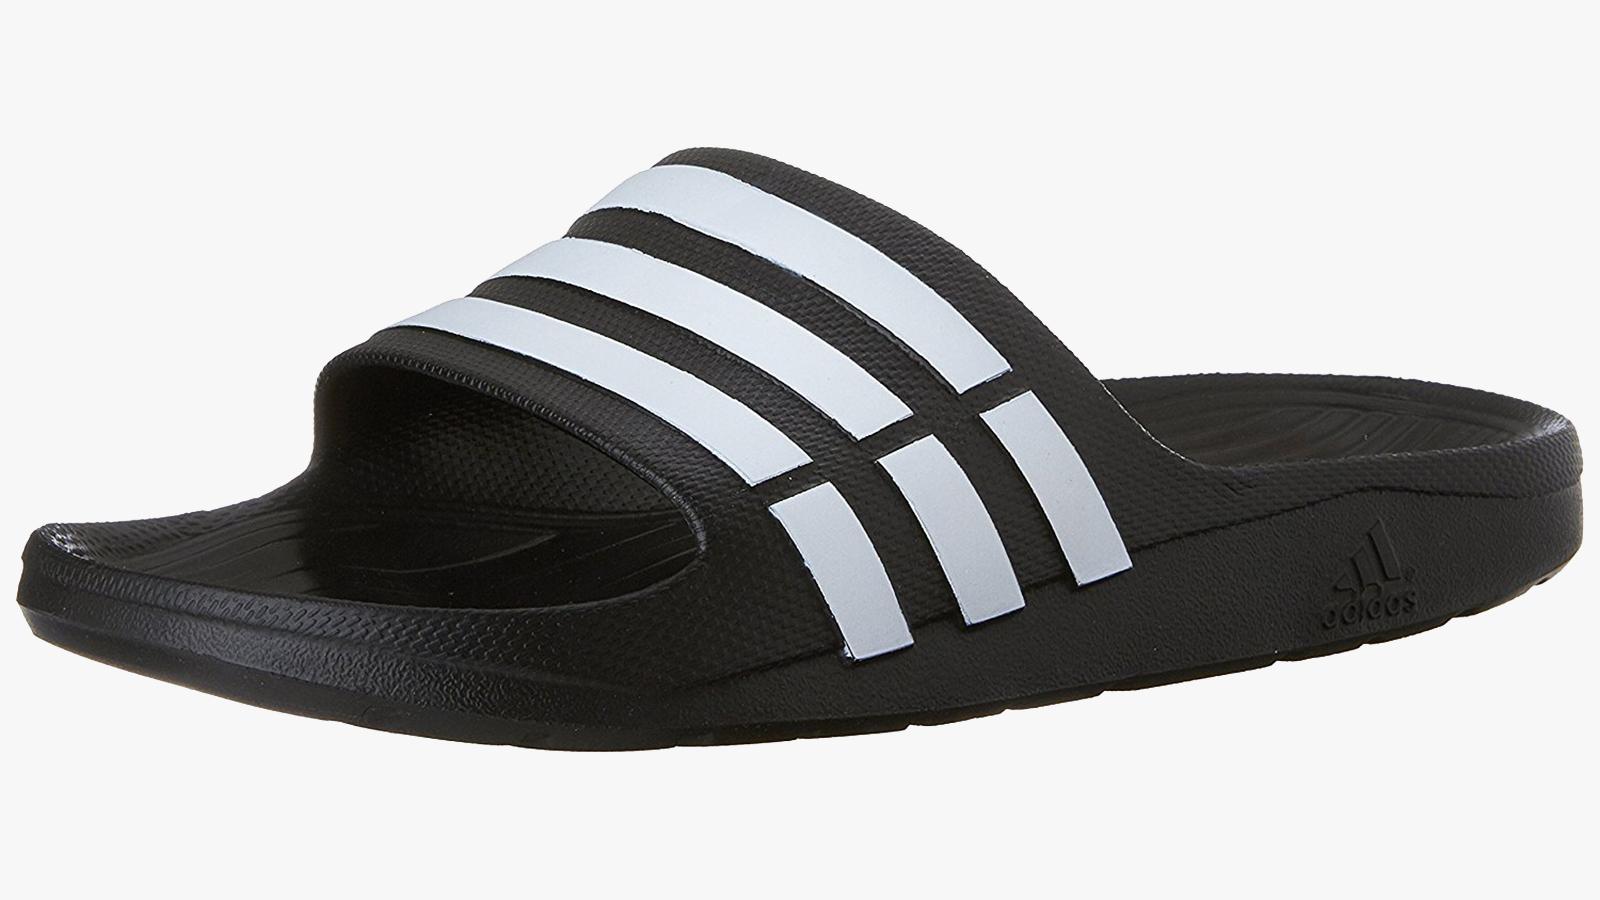 Adidas Duramo Men's Slides